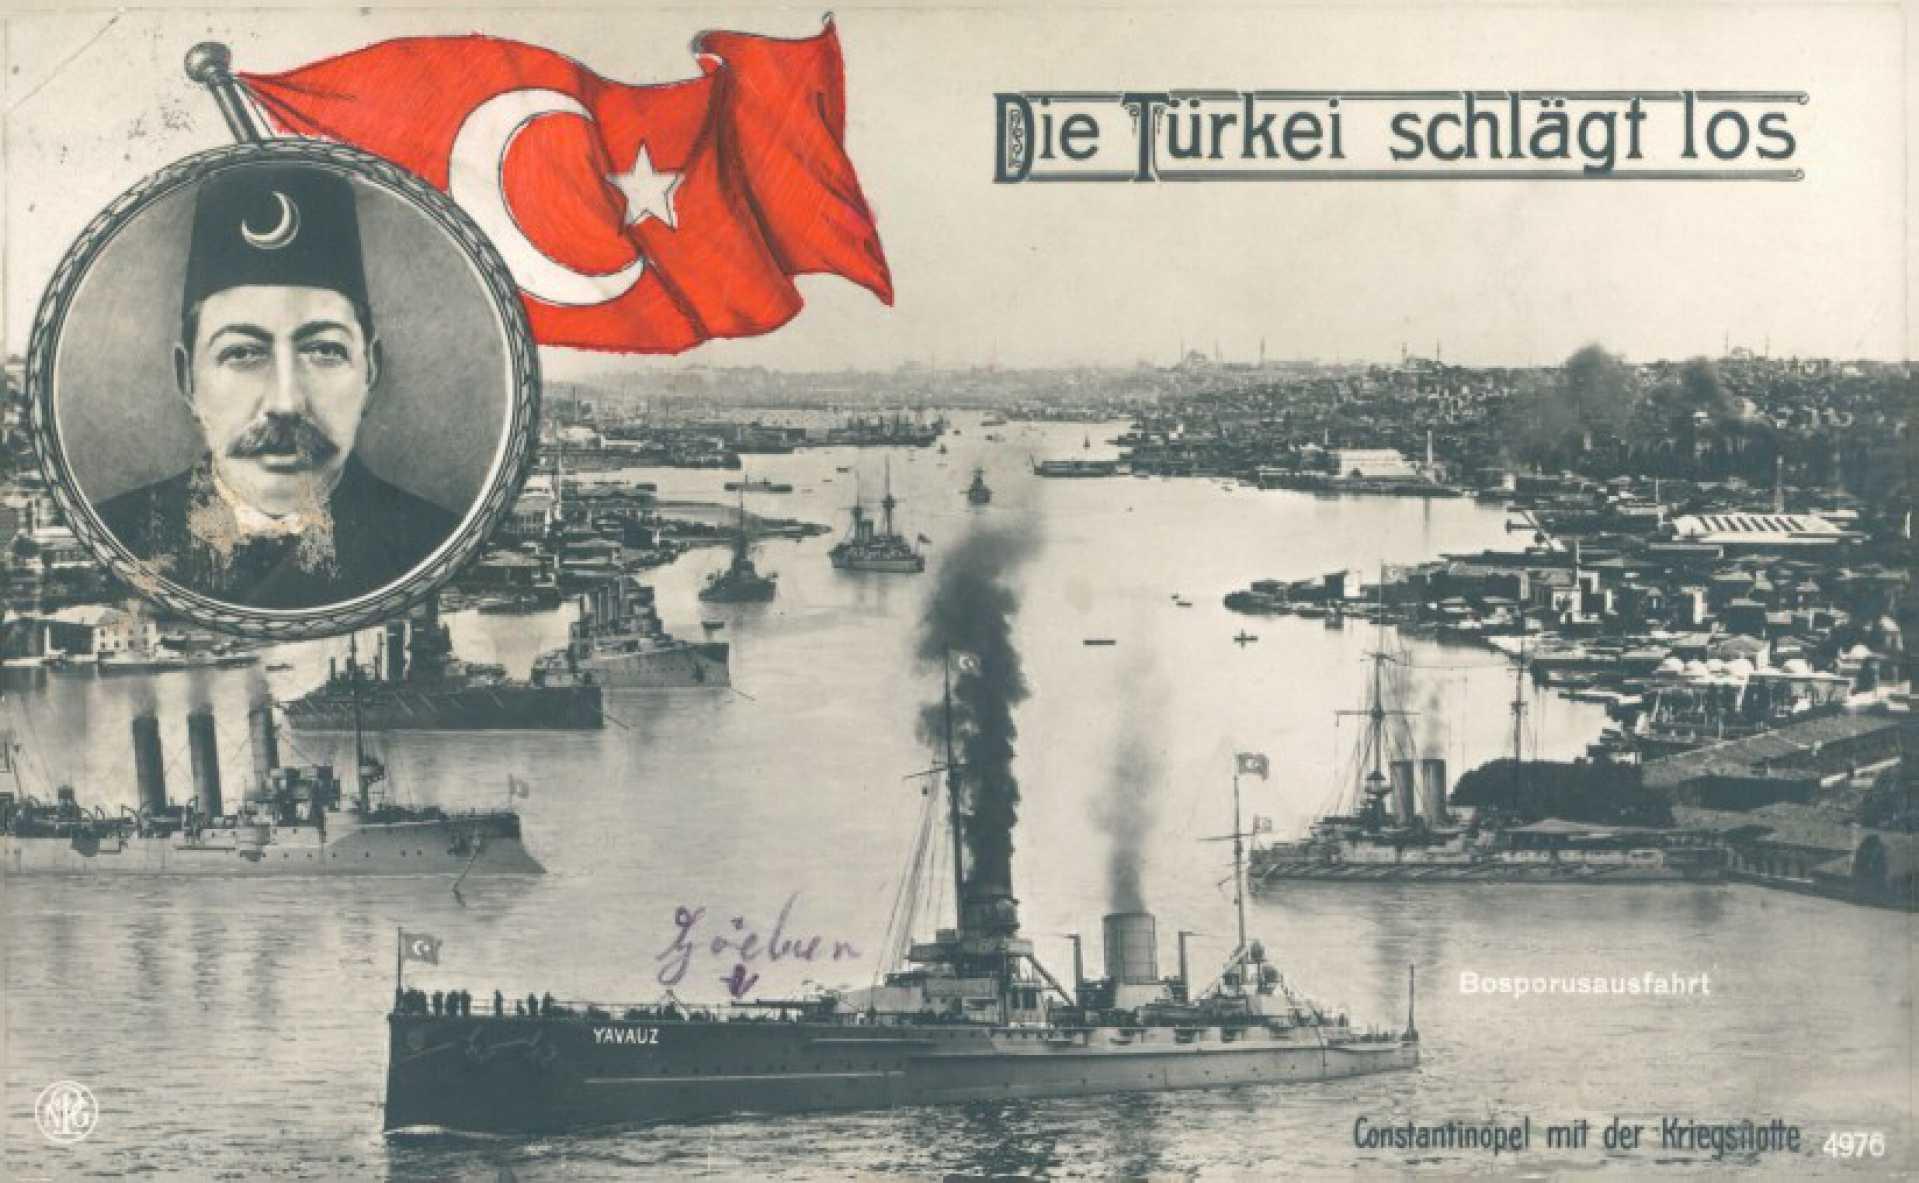 Die Türkei Schlägt los. Constantinapel mit der Kriegsflotte